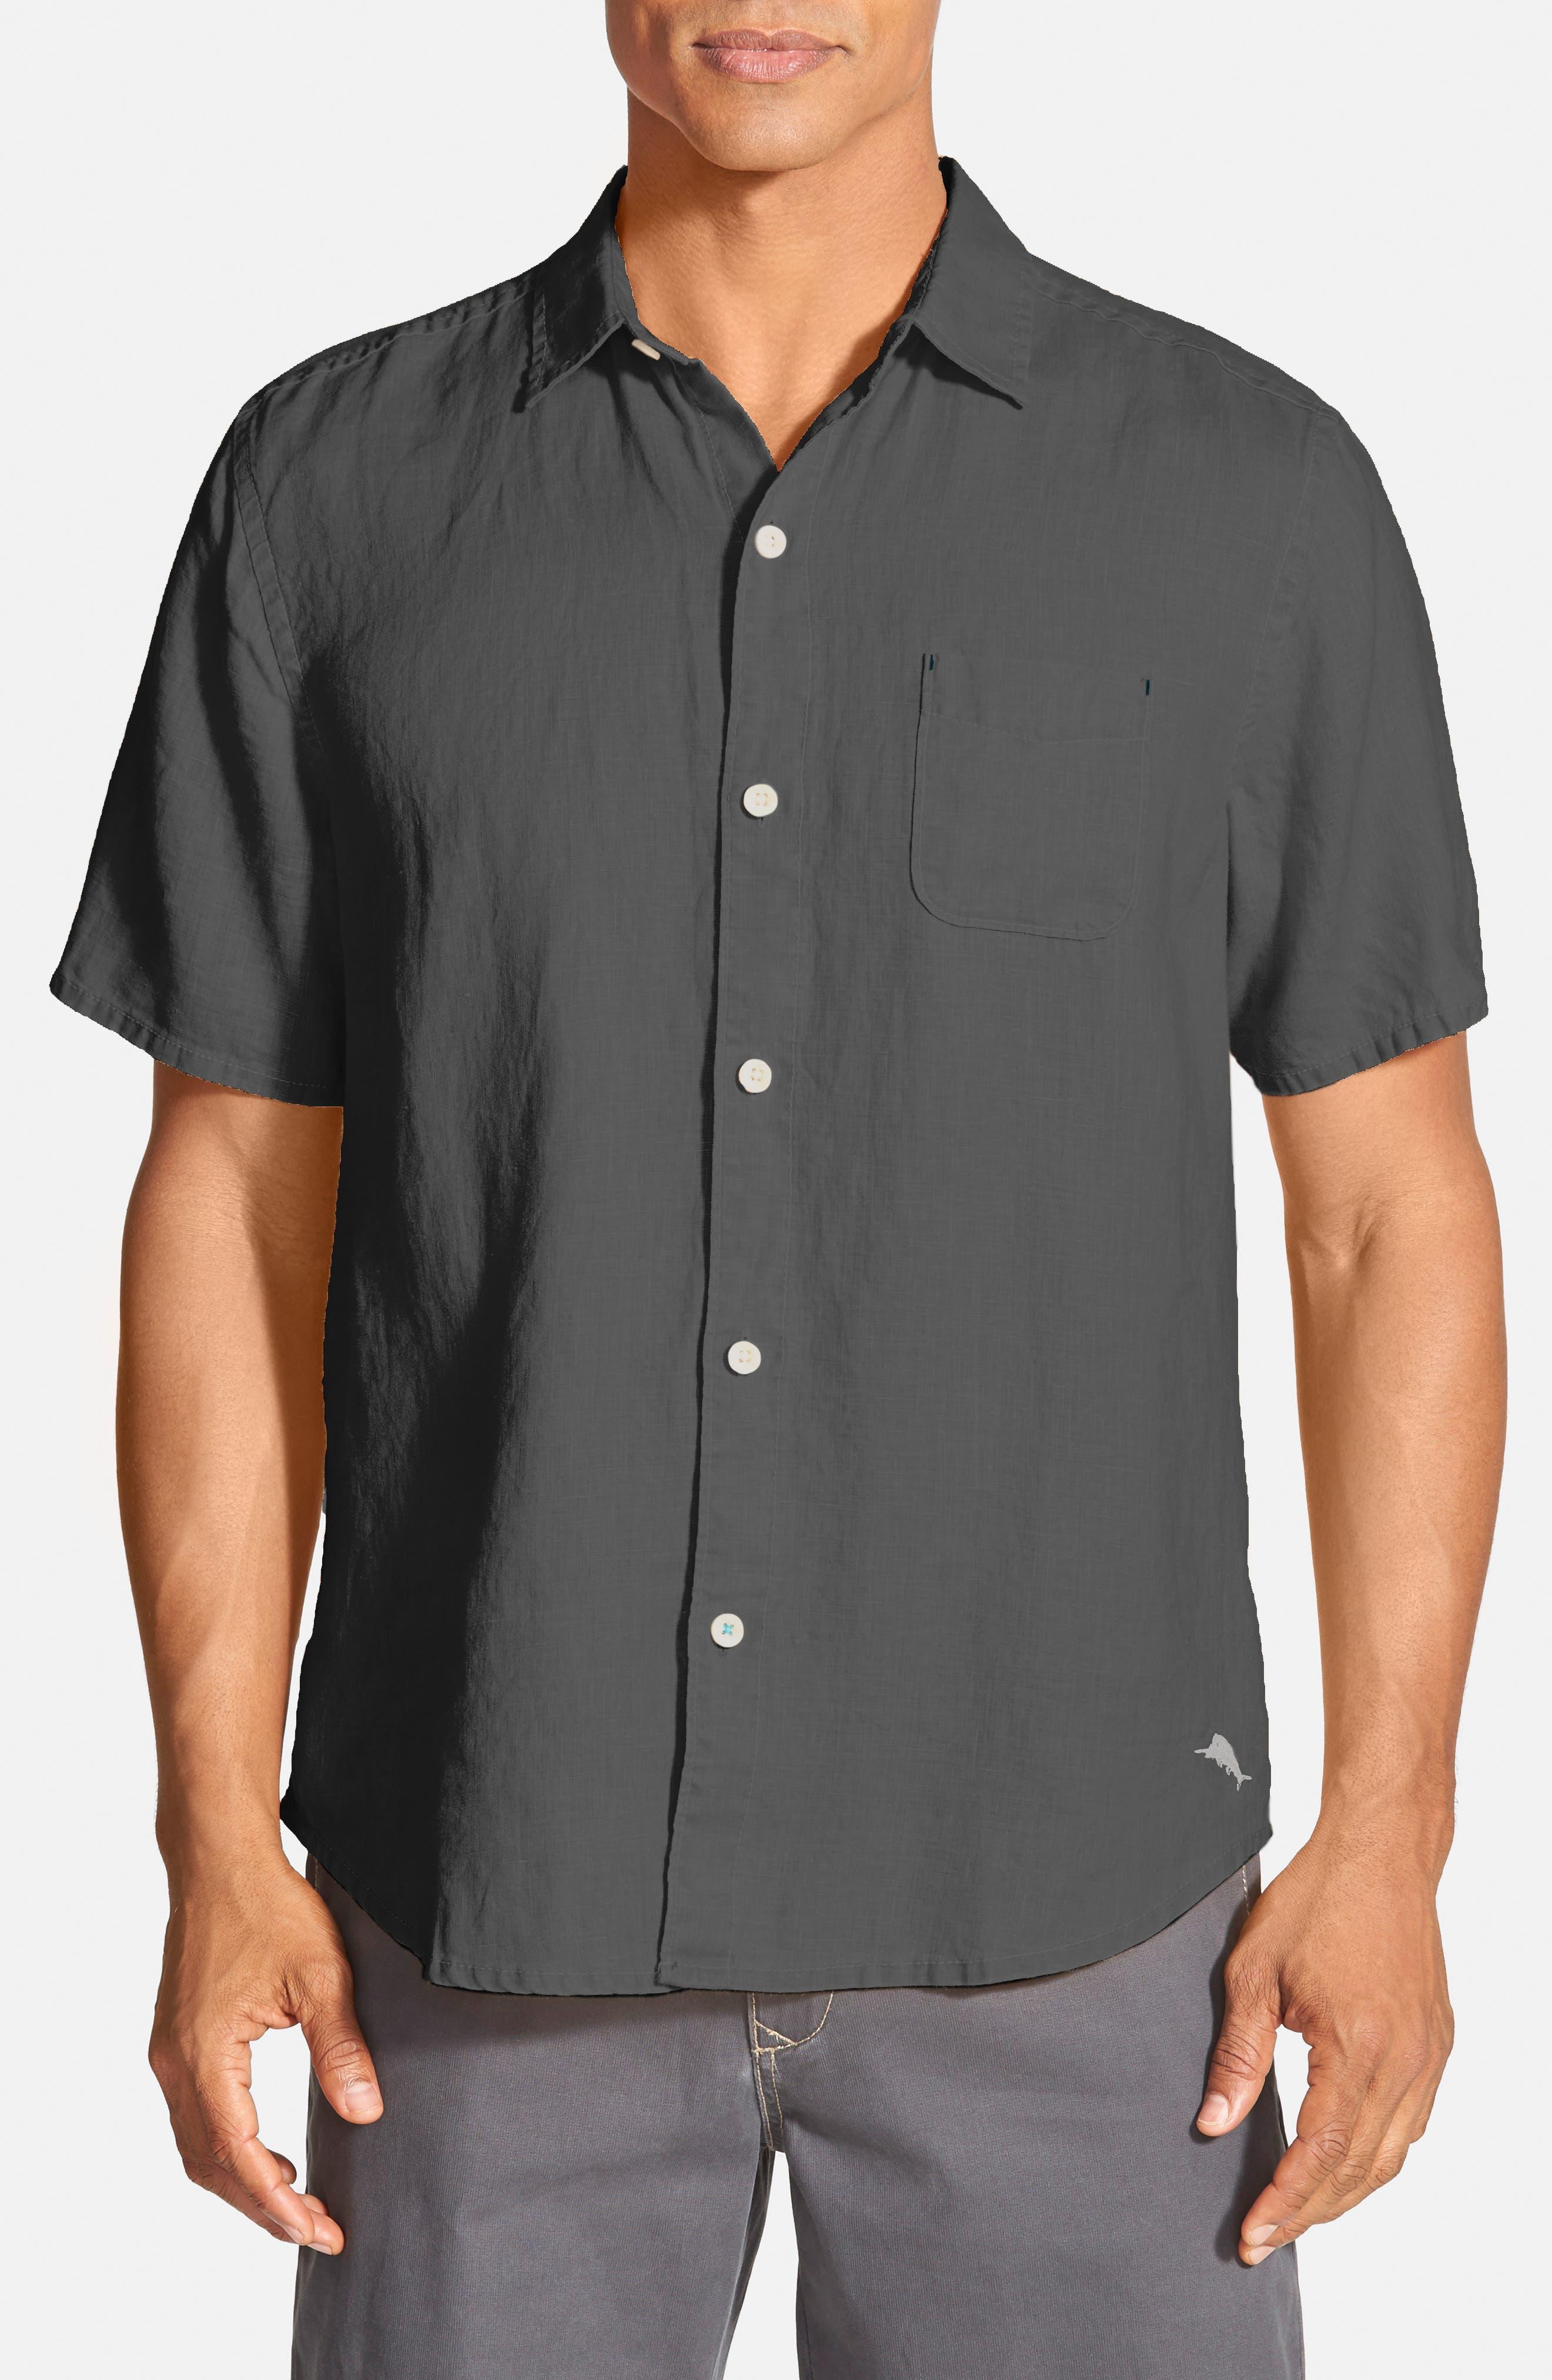 Tommy Bahama 'Seaglass Breezer' Short Sleeve Linen Sport Shirt (Big & Tall)